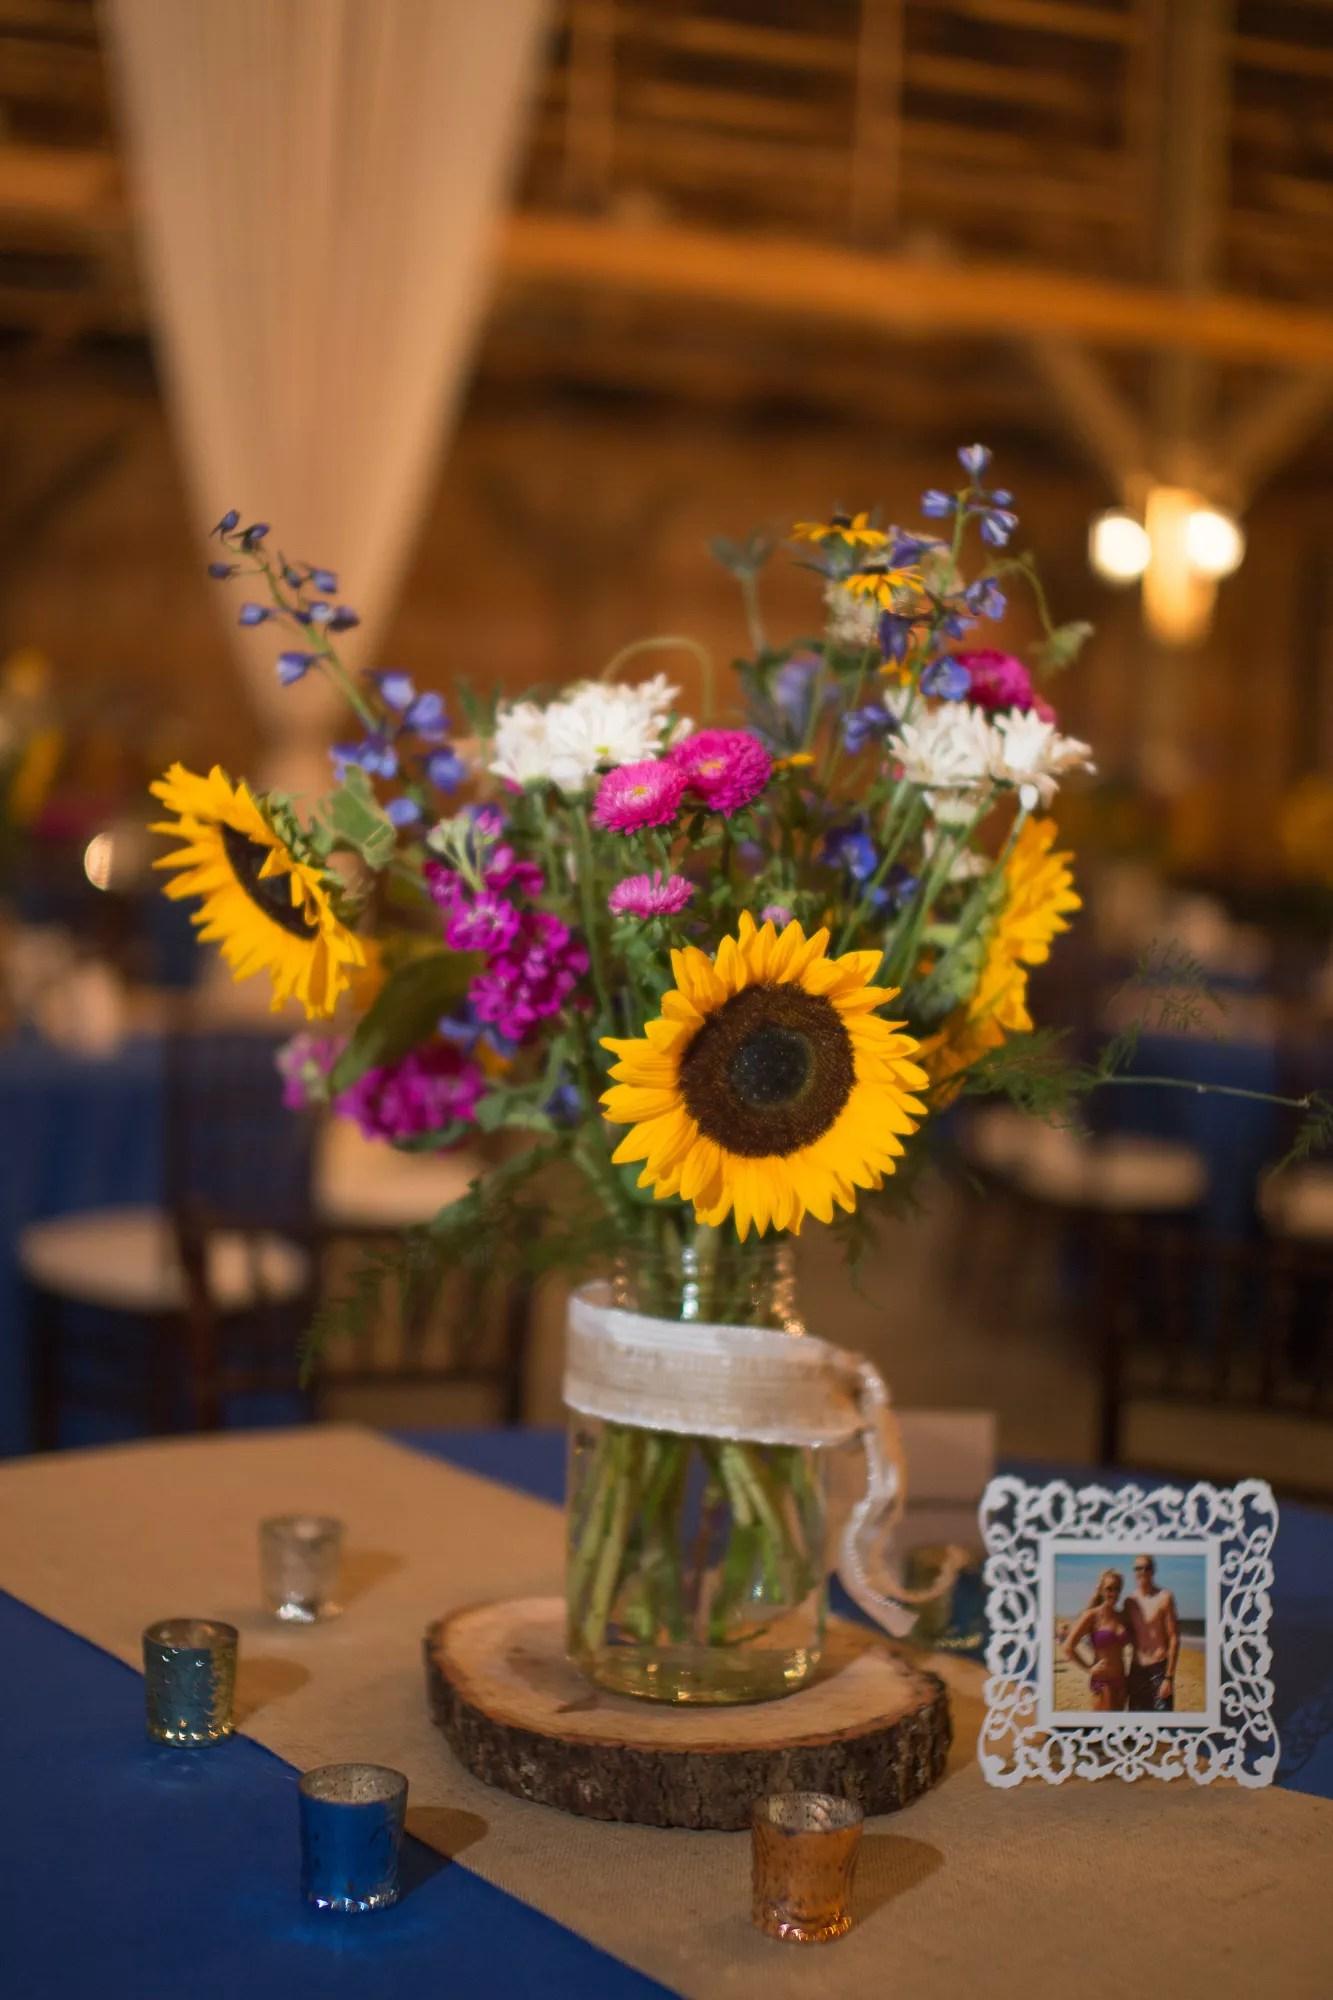 Sunflower And Wildflower Centerpiece On Wooden Slab